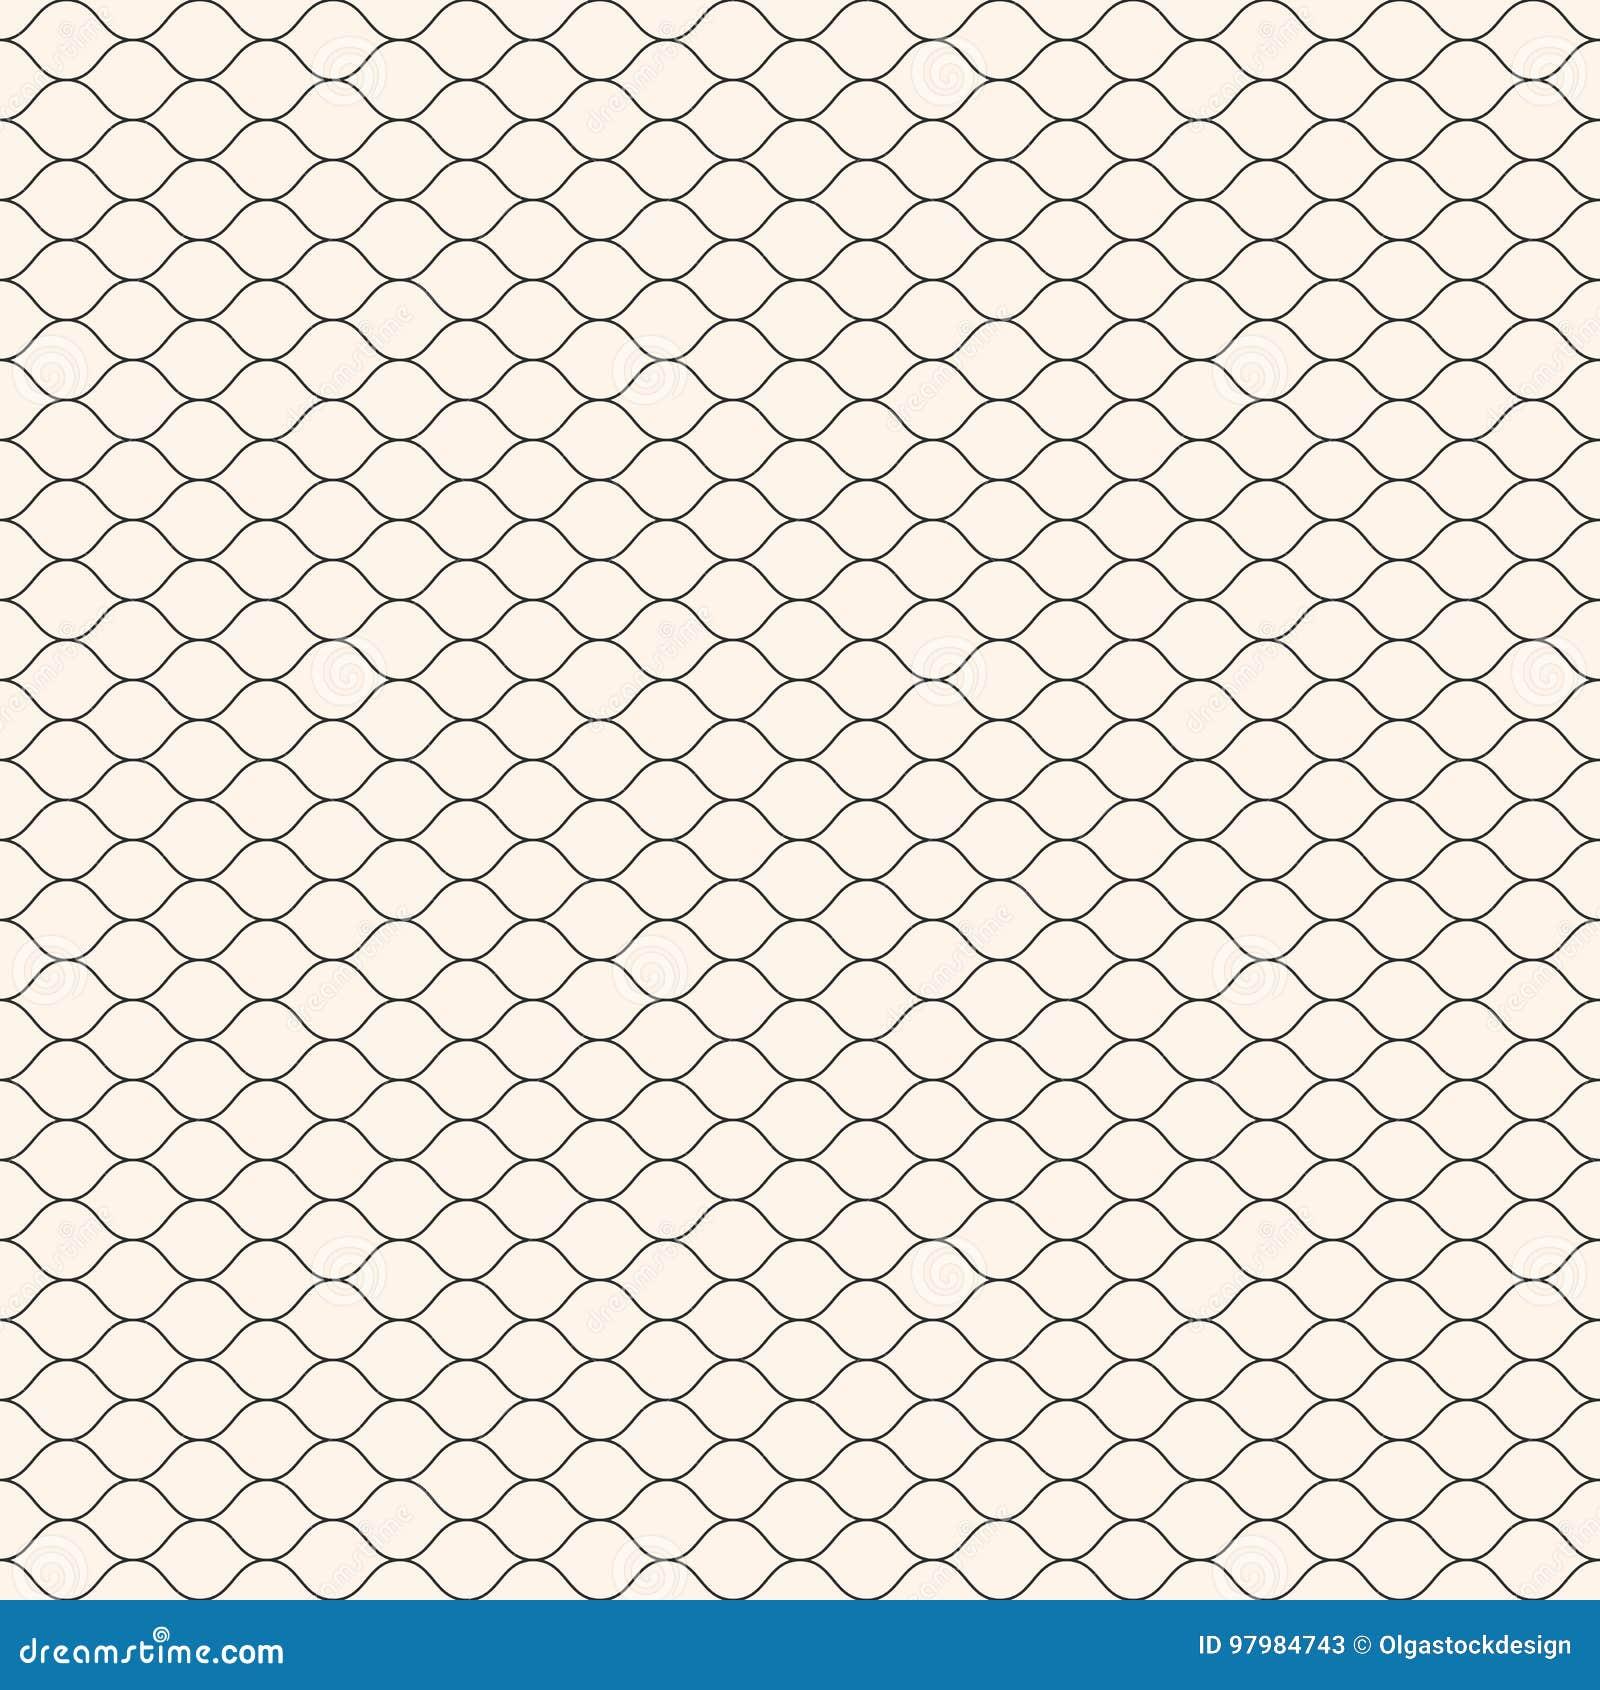 Fishnet Pattern Unique Design Inspiration